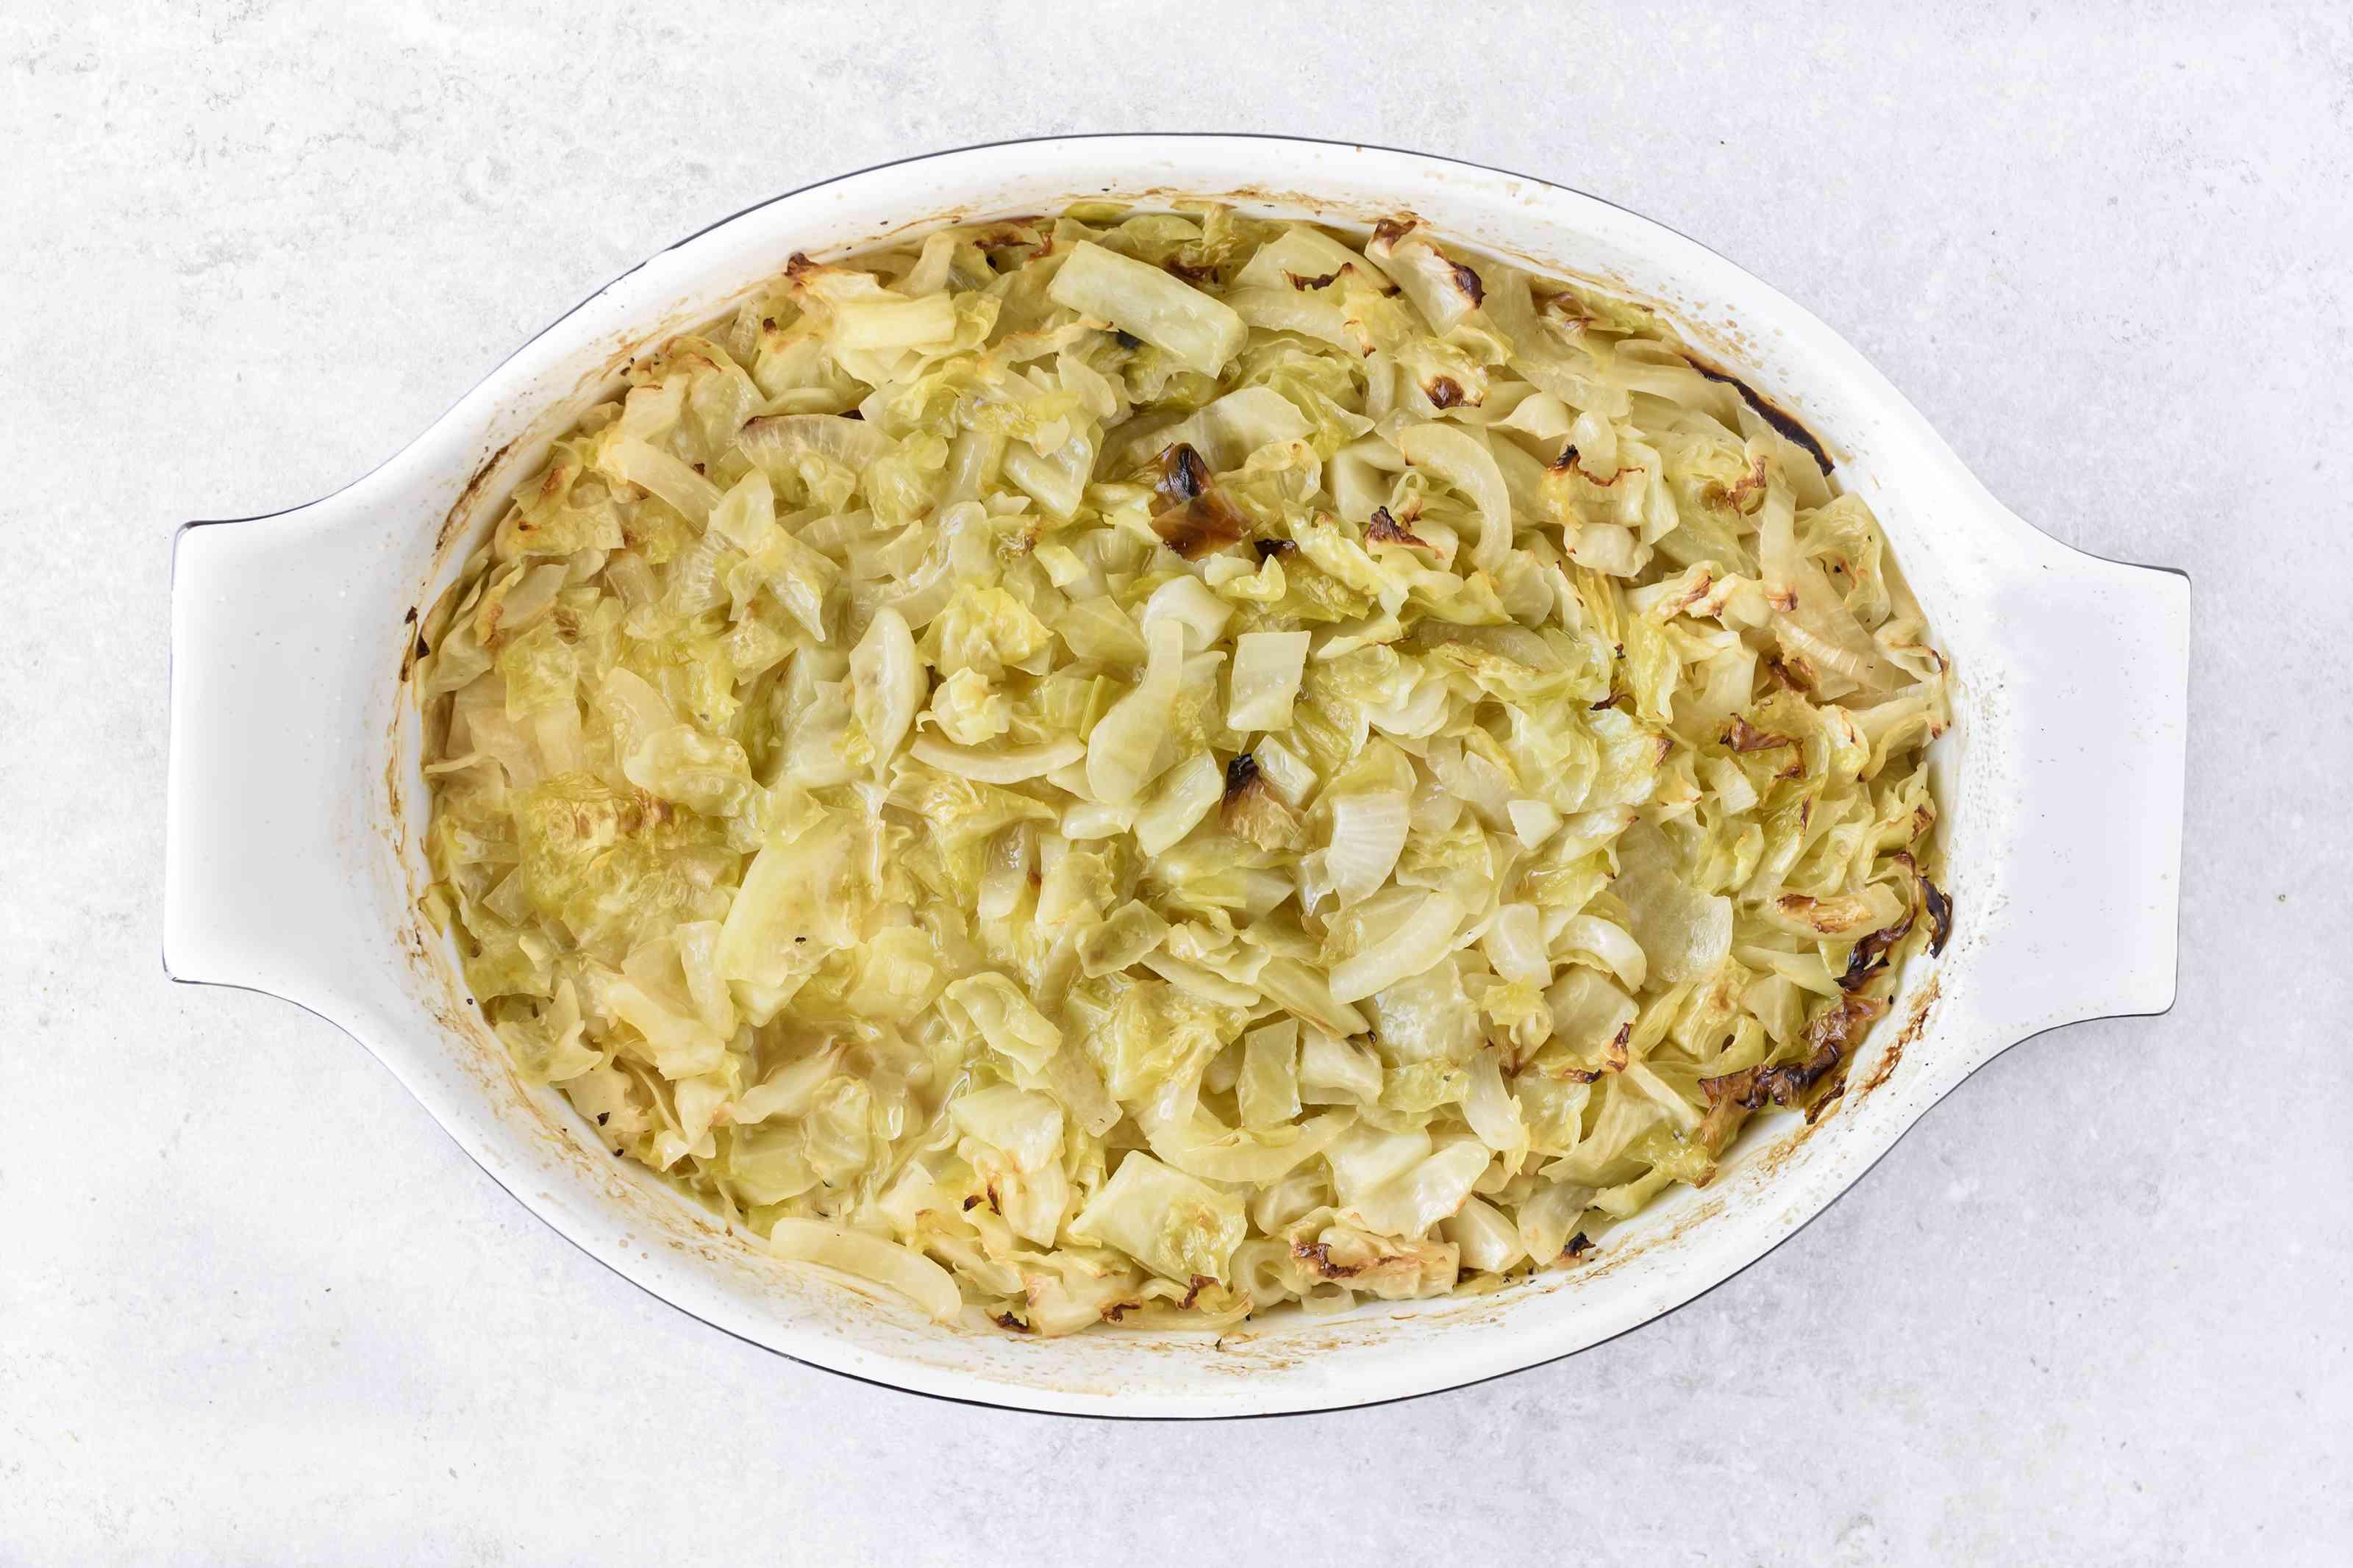 Bake uncovered for oven method for Polish hałuski